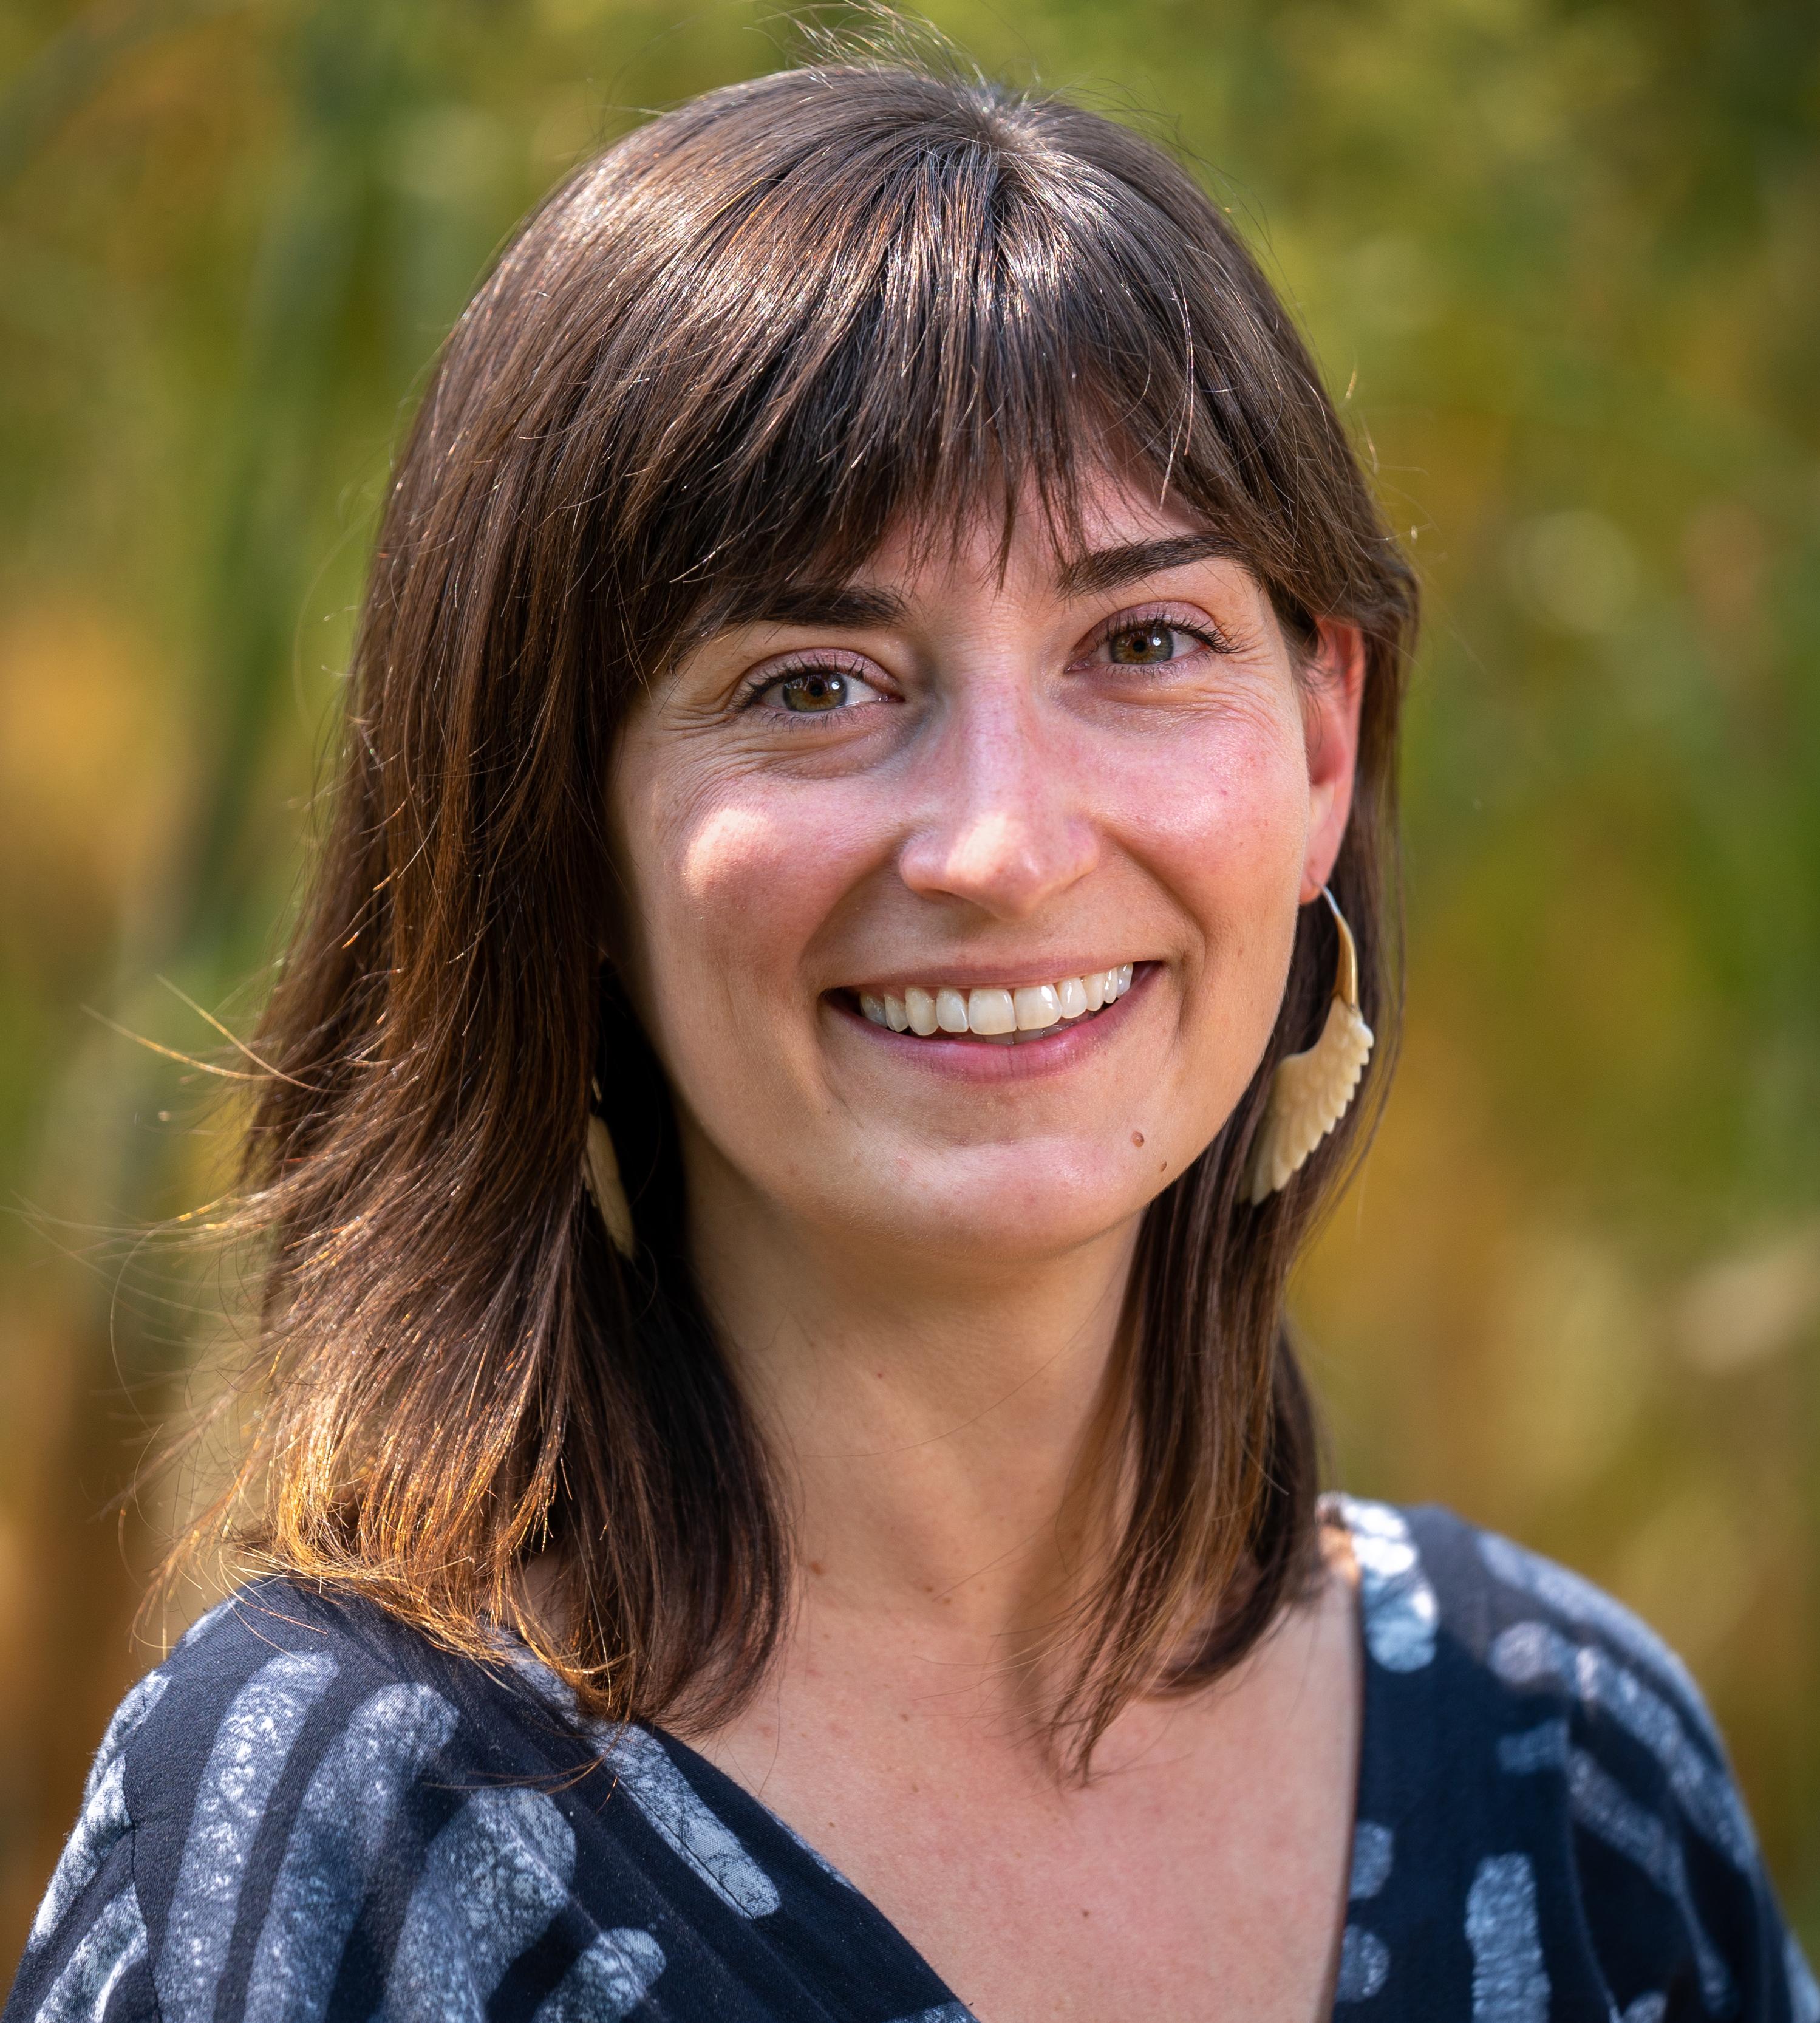 Marie Haller